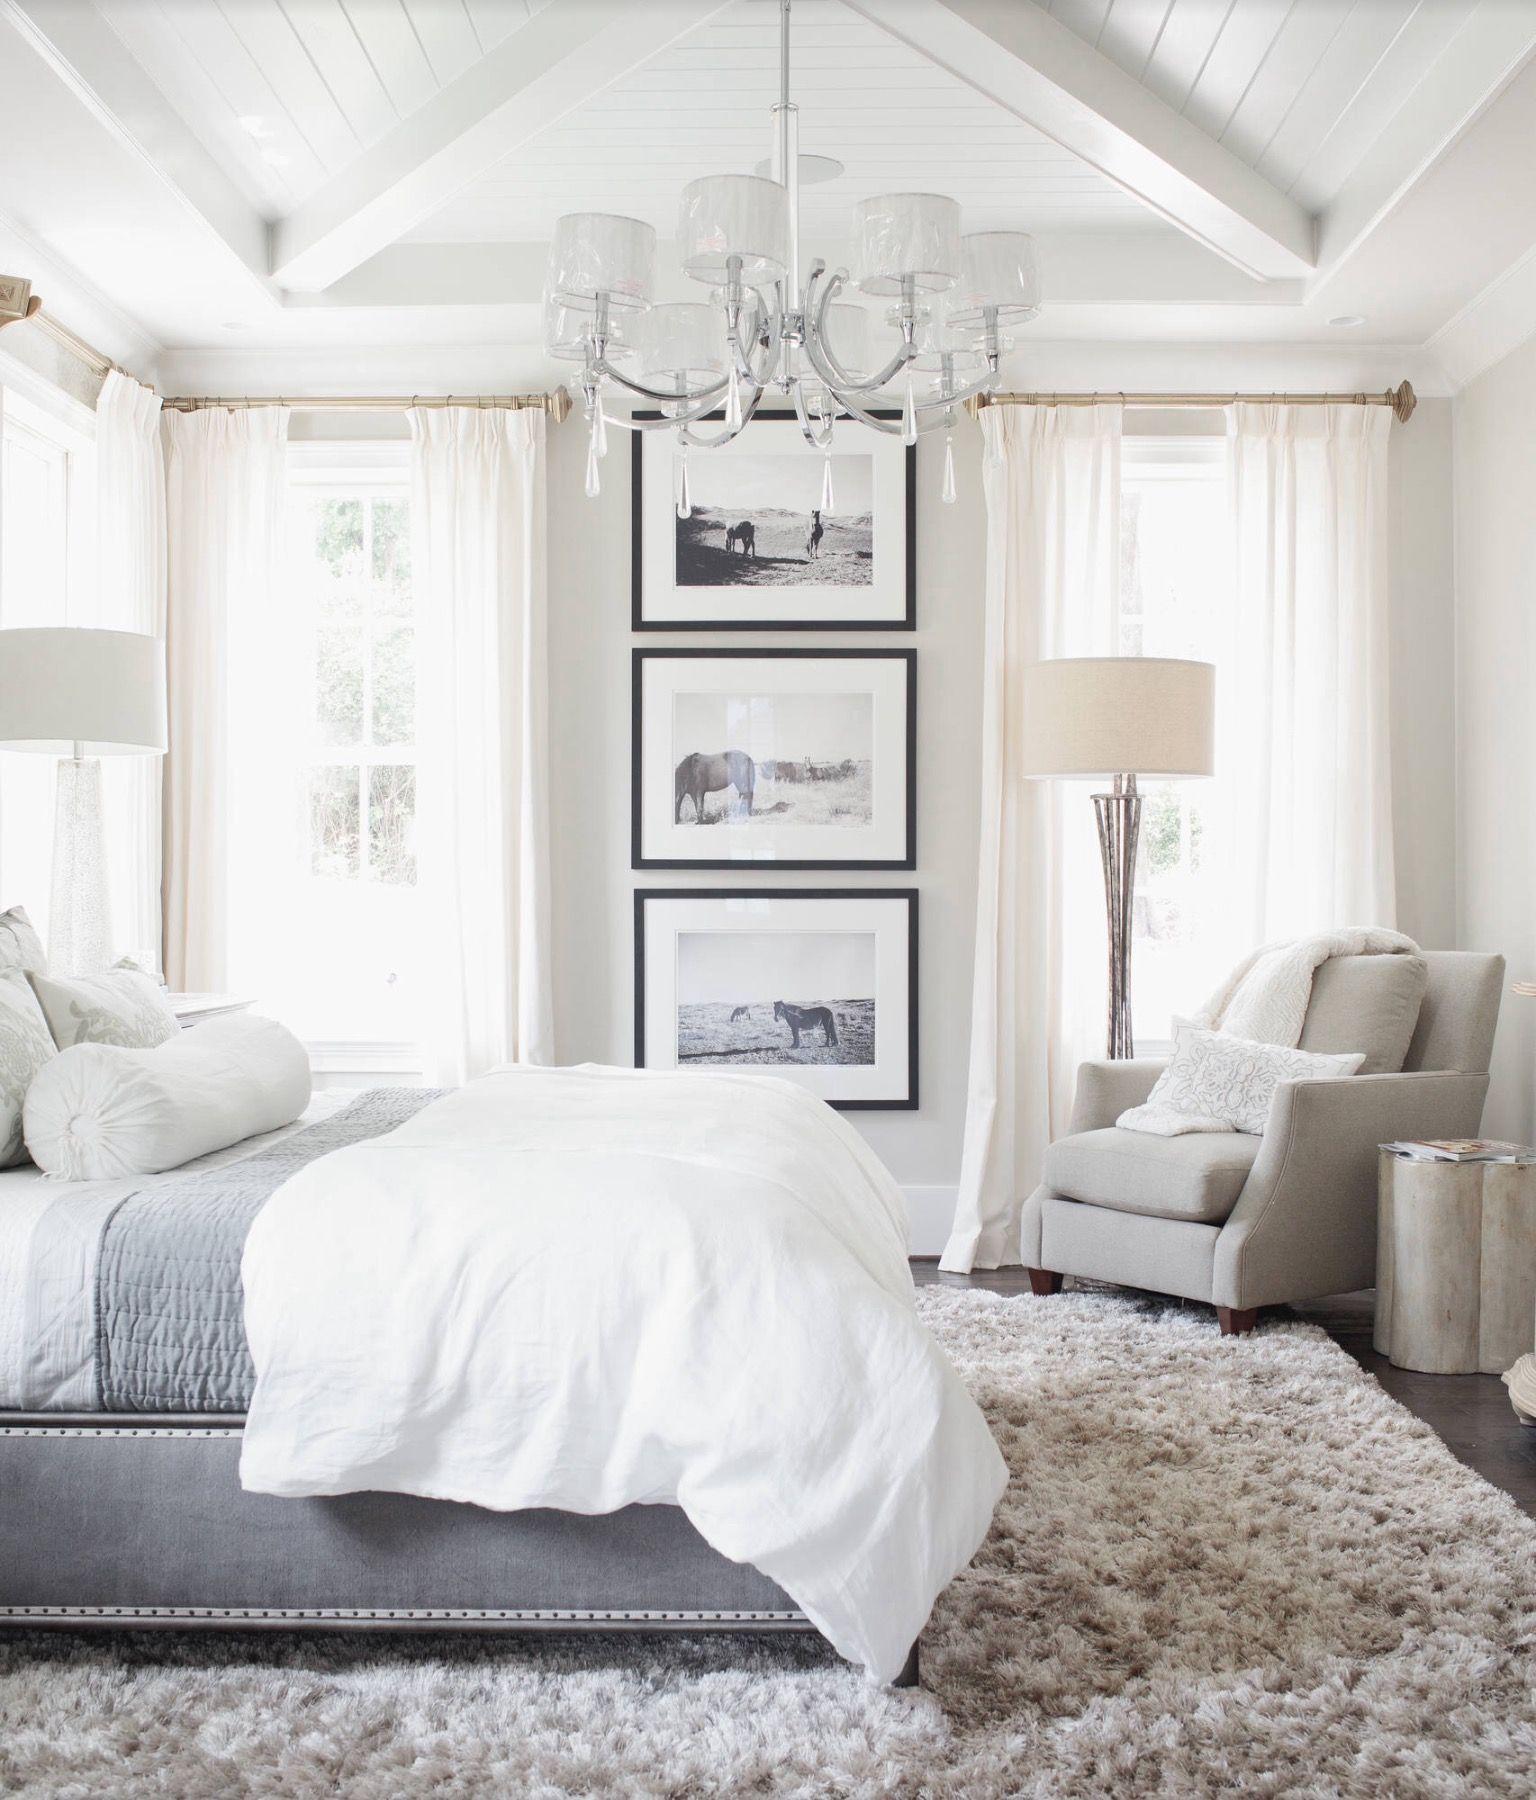 Luxusschlafzimmer Bild Von Stefanie Lange Hochzeitsfot Auf Haus